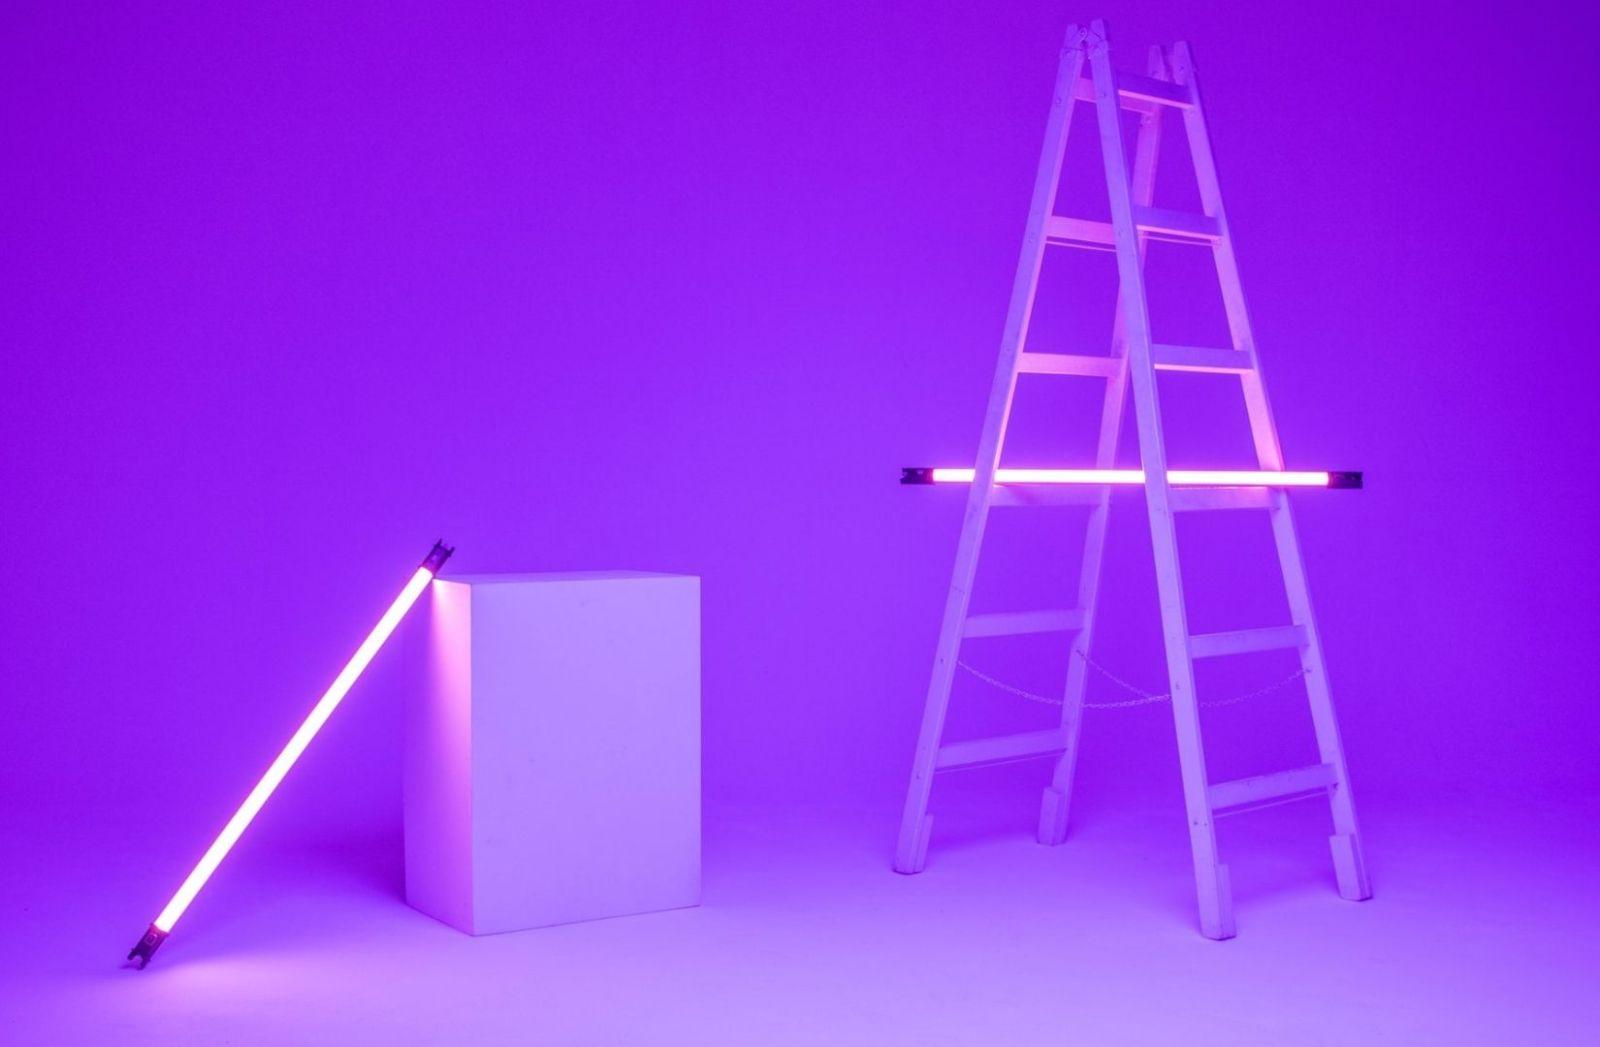 Leiter und Kunstlicht in Pink. (Foto: Daniel Koponyas, Unsplash.com)